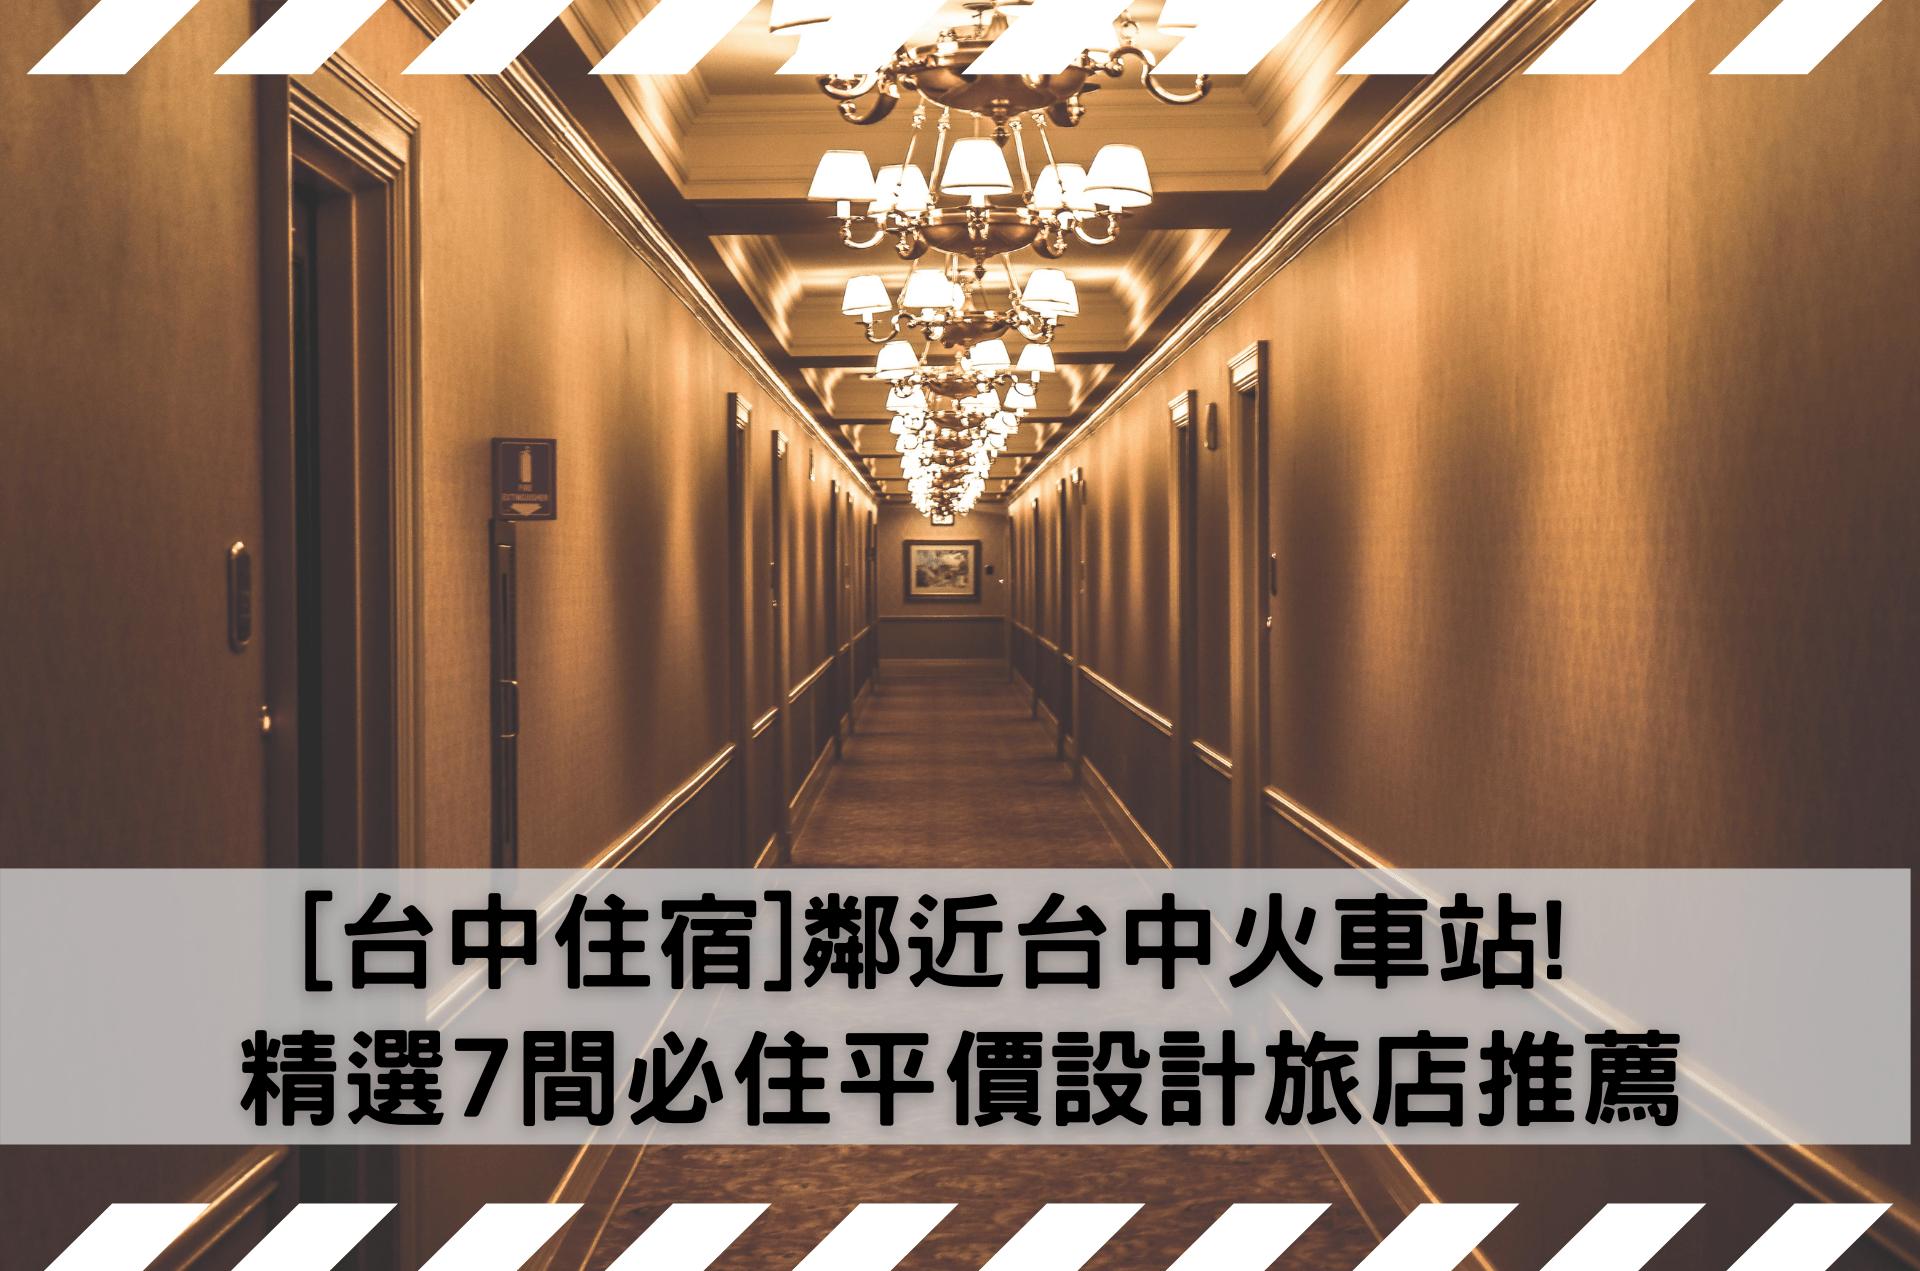 [台中住宿]鄰近台中火車站! 精選7間必住平價設計旅店推薦